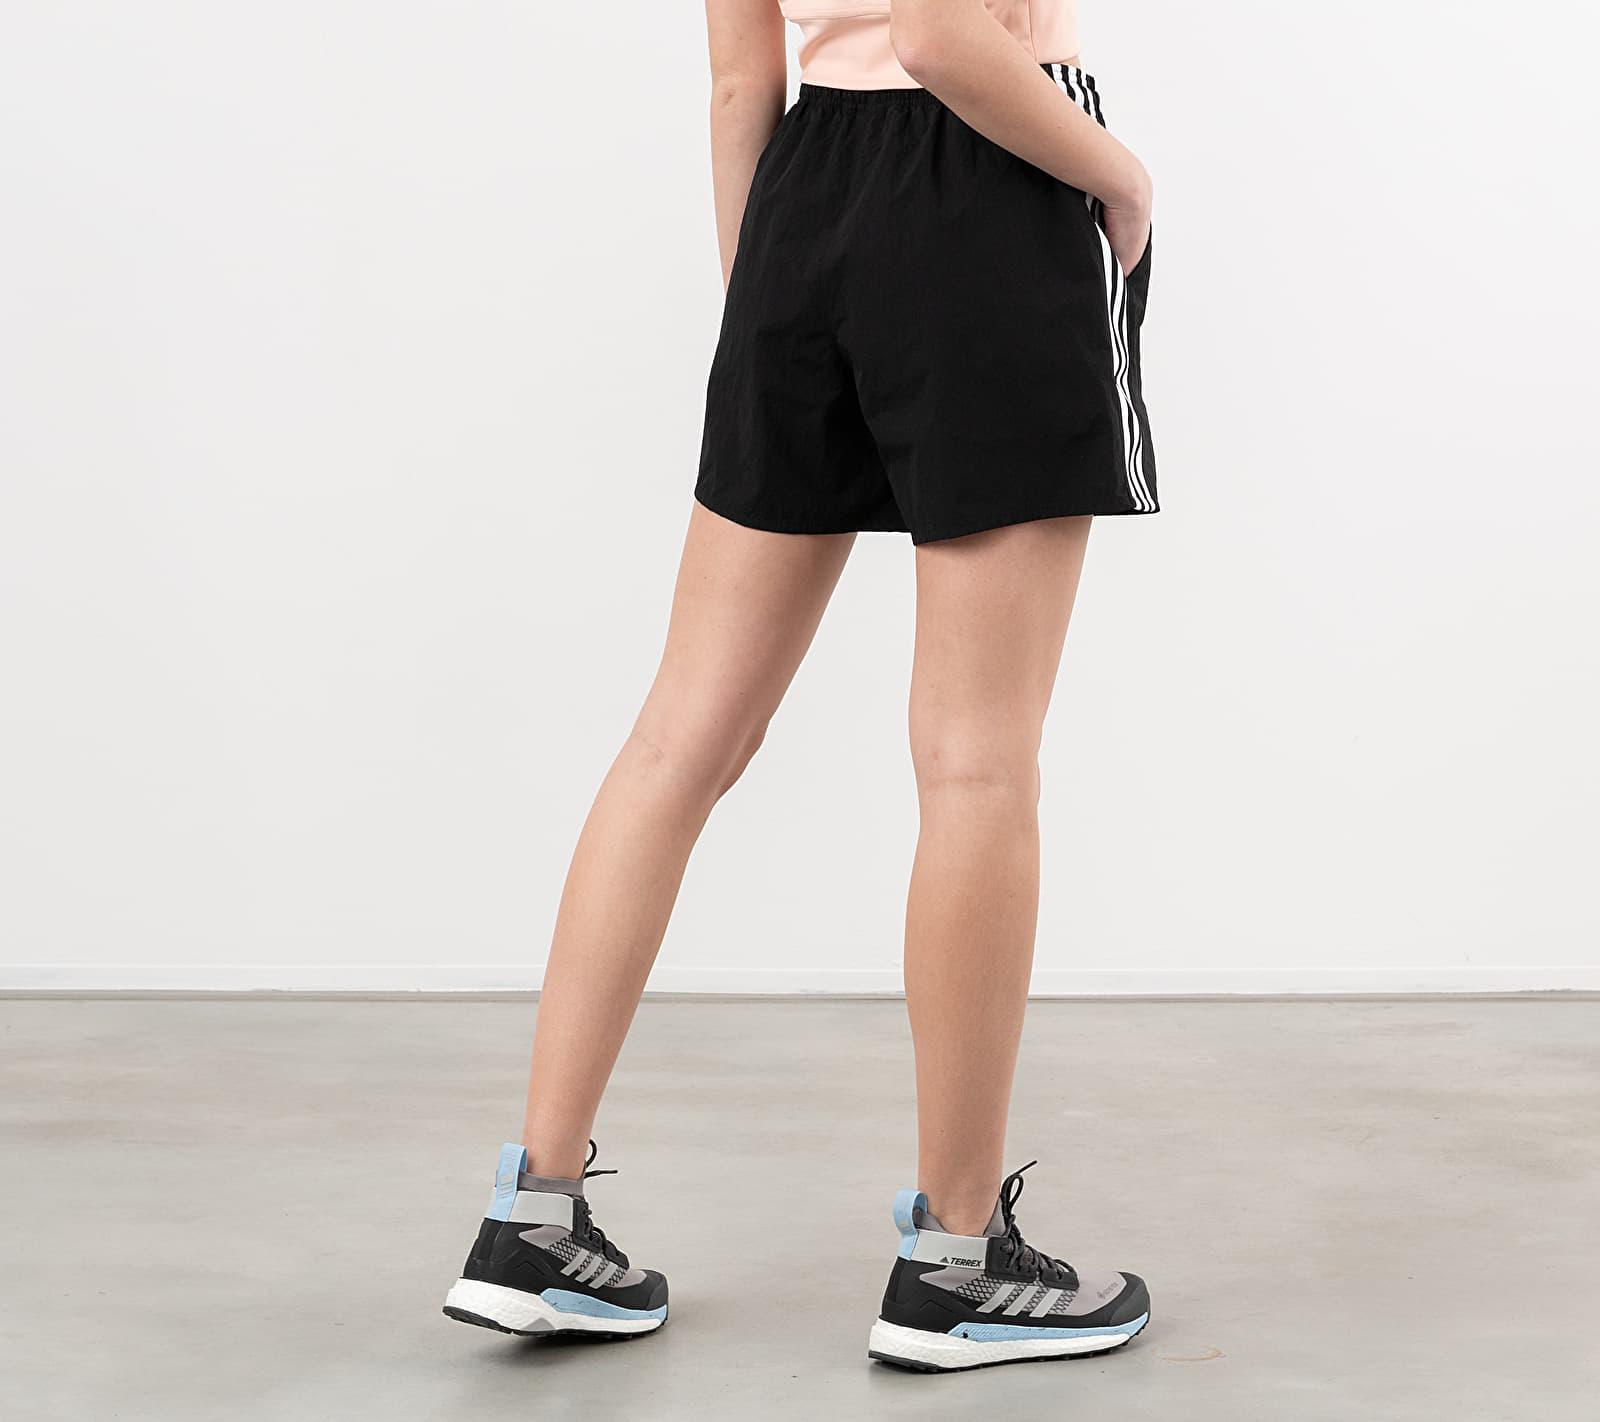 adidas Shorts Black/ White